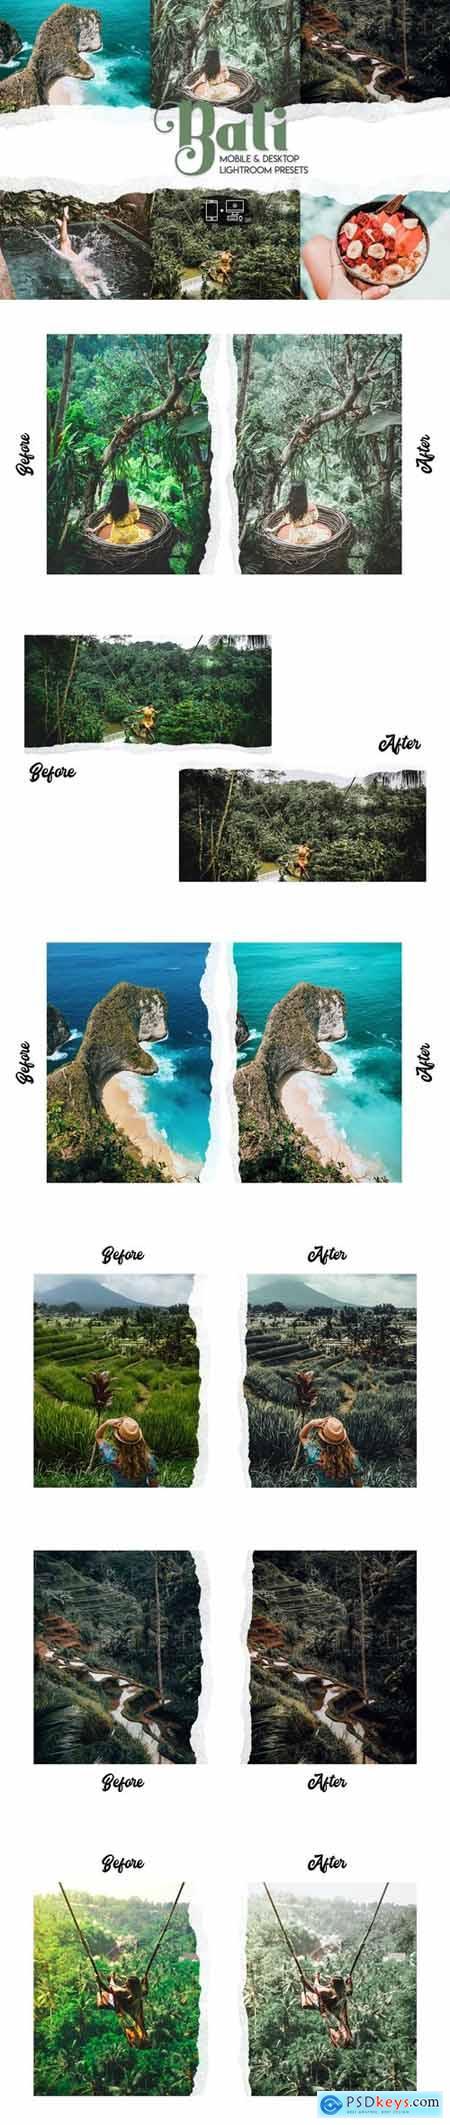 Bali Lightroom Presets